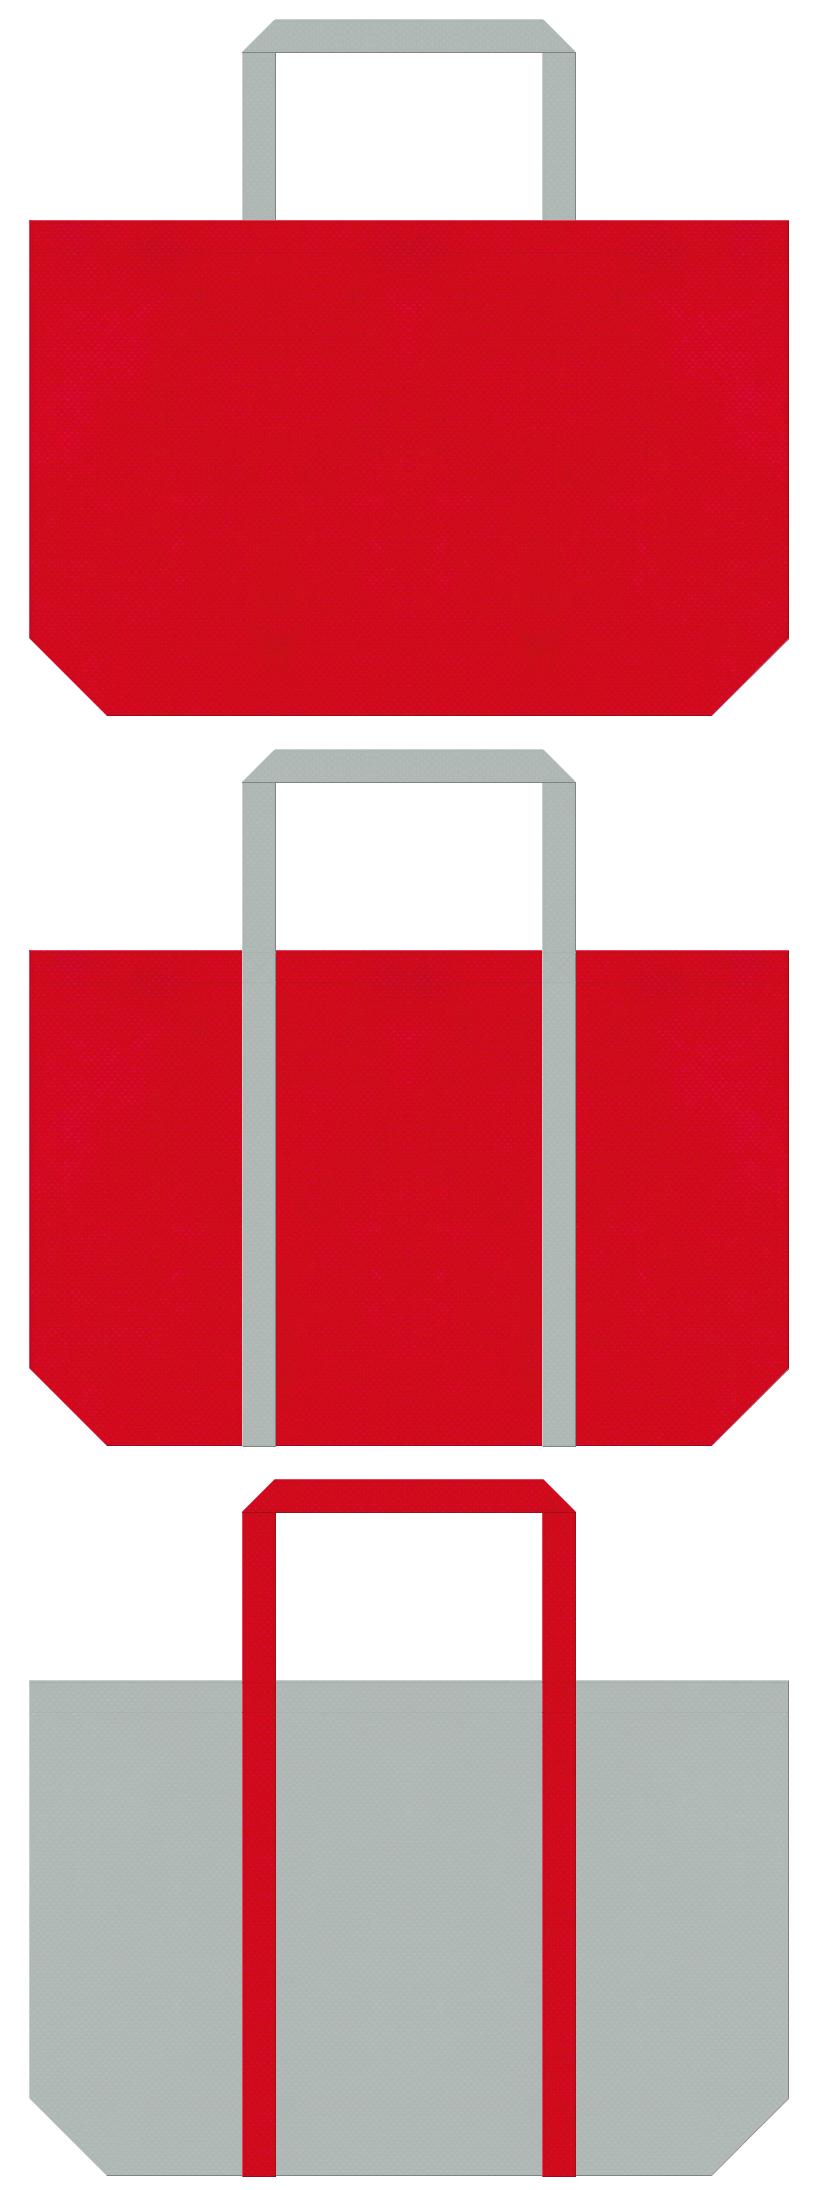 ロボット・プラモデル・ラジコン・ホビーの展示会用バッグにお奨めの不織布バッグデザイン:紅色とグレー色のコーデ